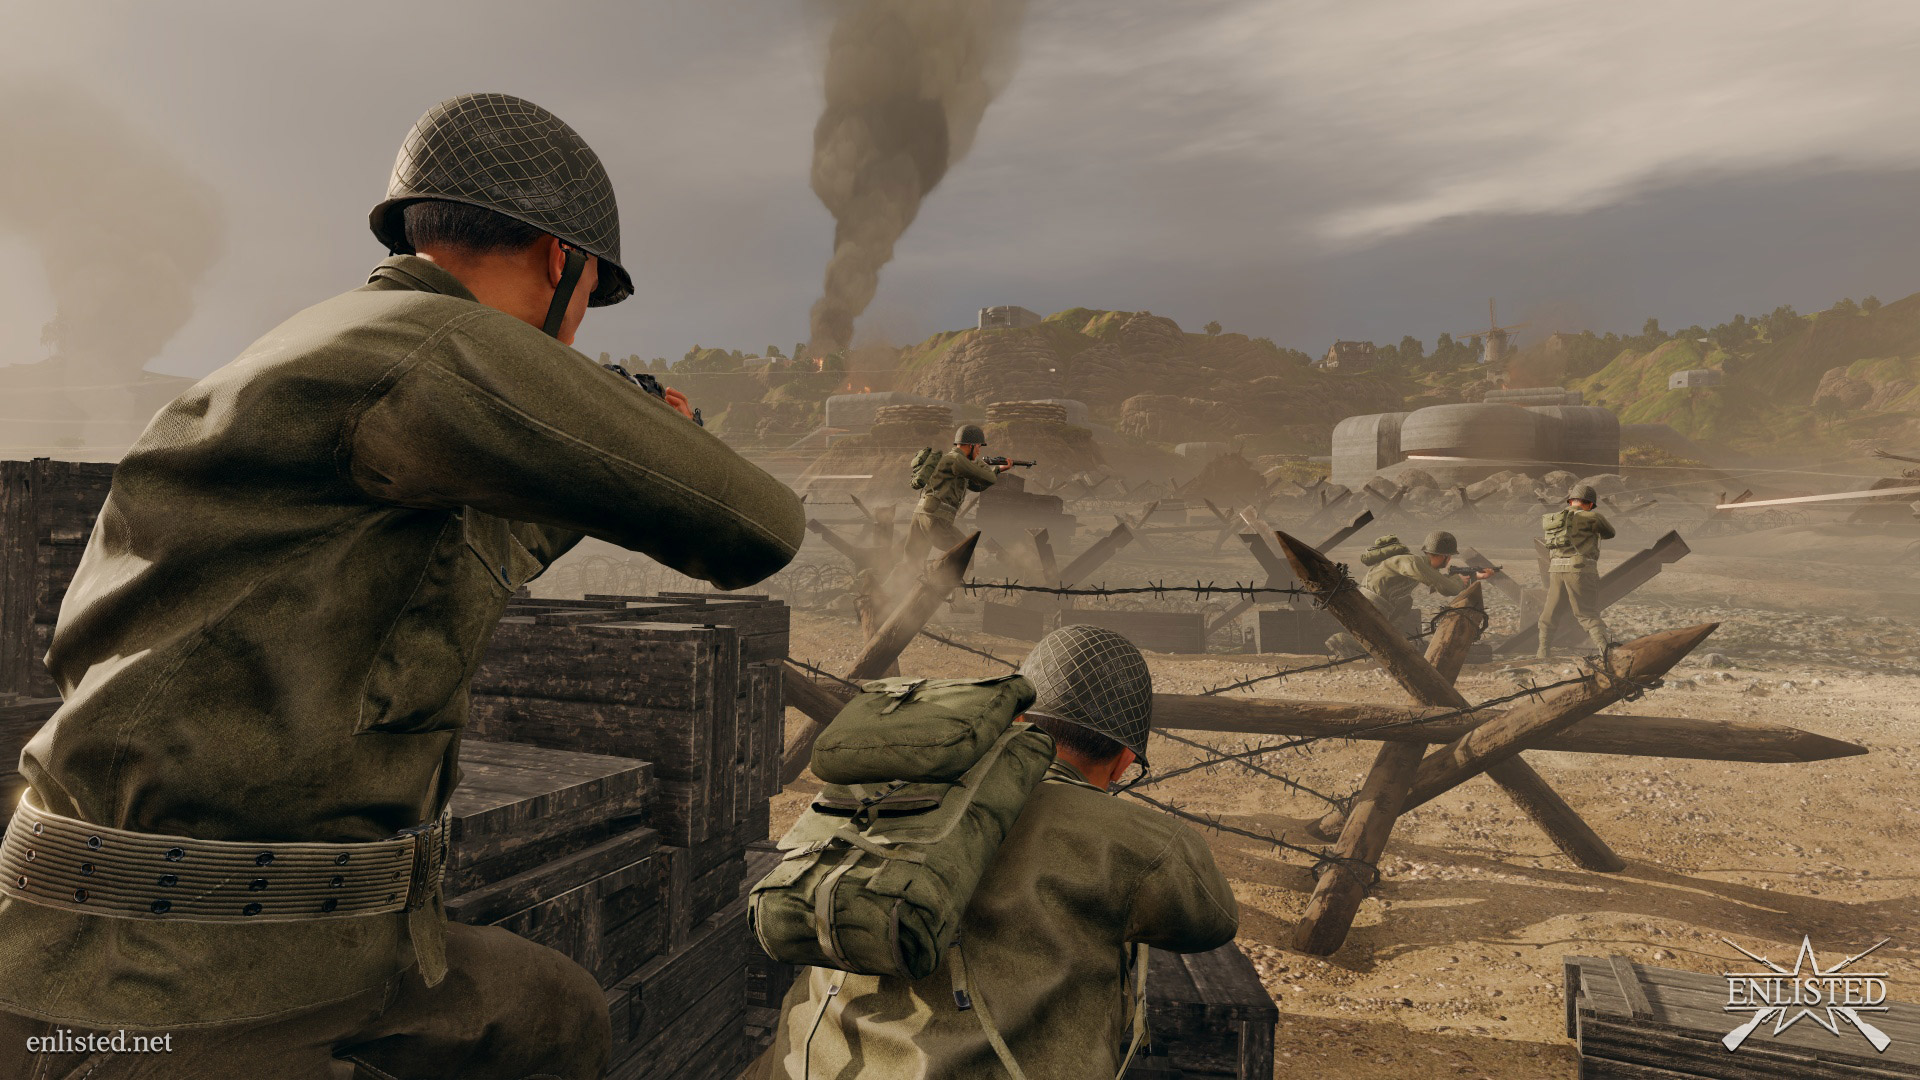 Patrzymy na pierwsze obrazki godnego rywala dla Battlefielda?